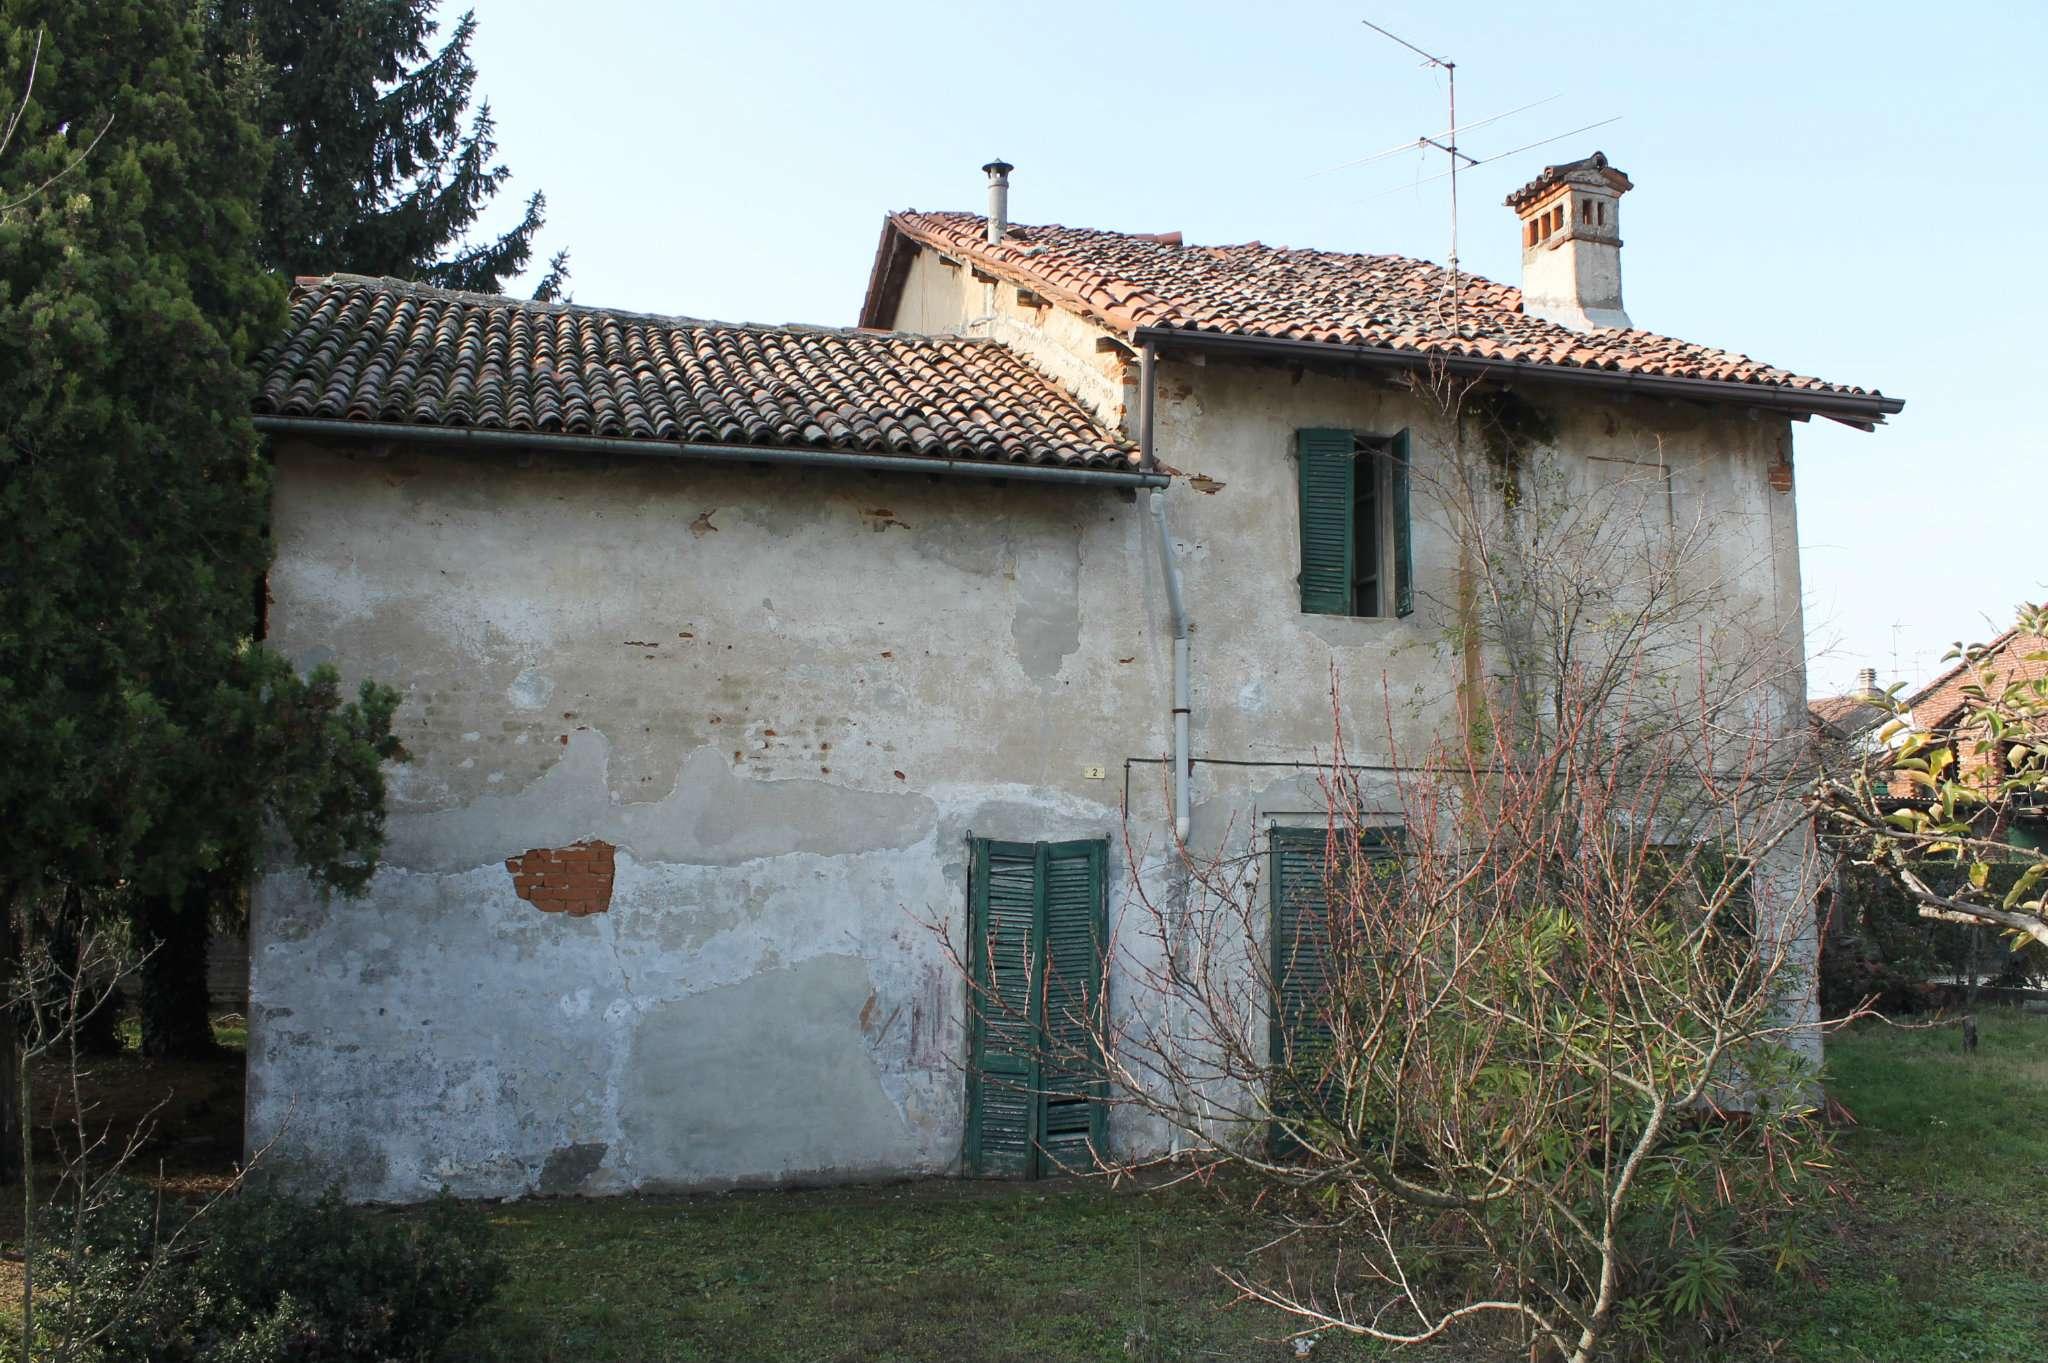 Villa in vendita a Dorno, 5 locali, prezzo € 80.000 | CambioCasa.it